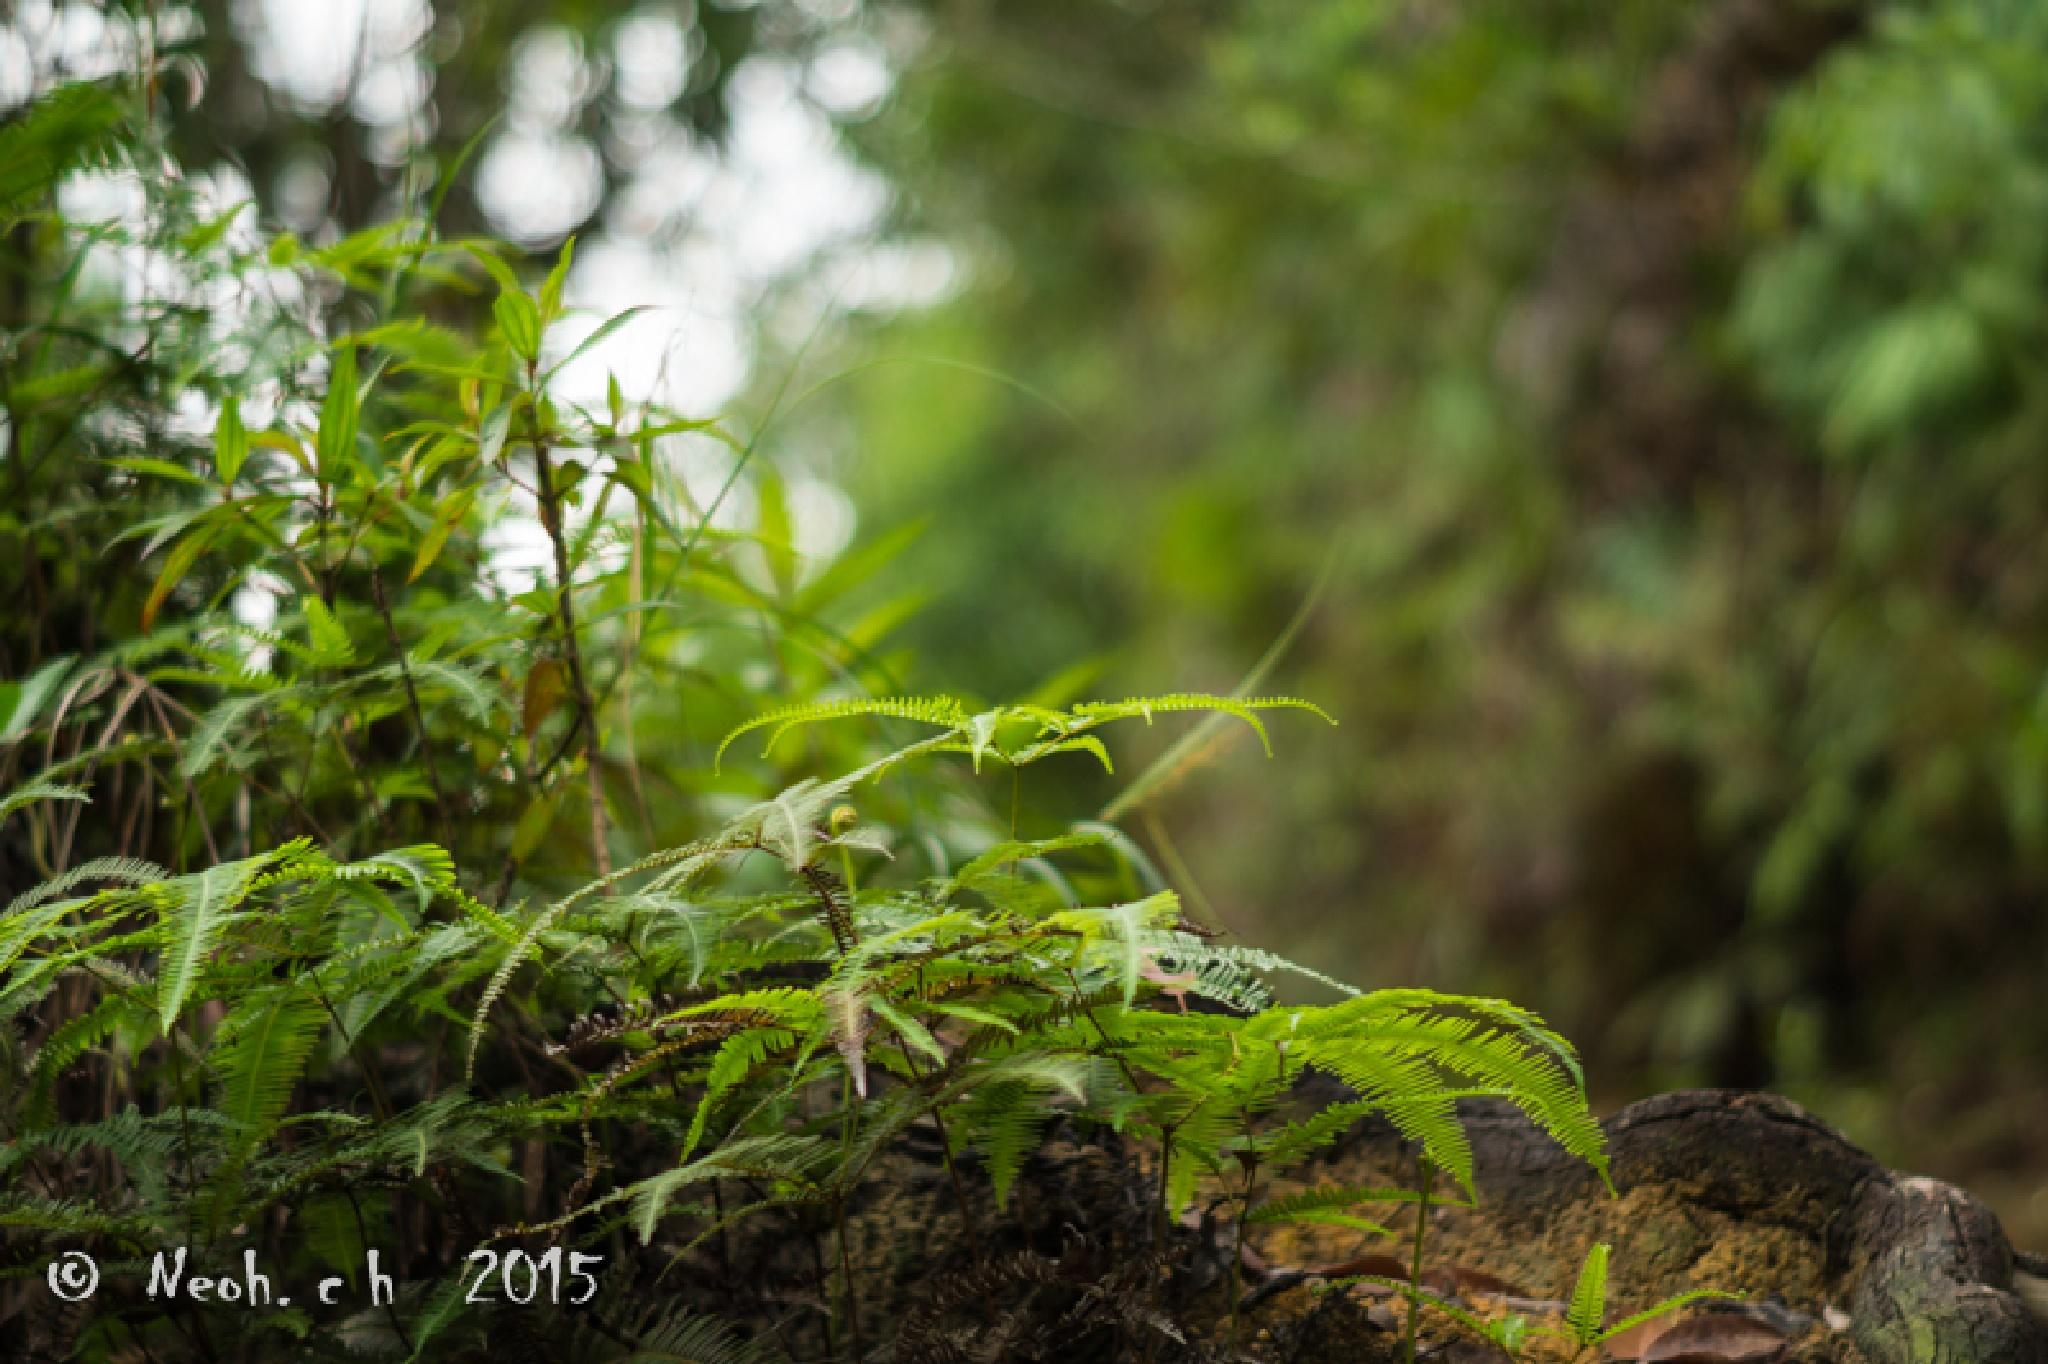 Green green by neohch